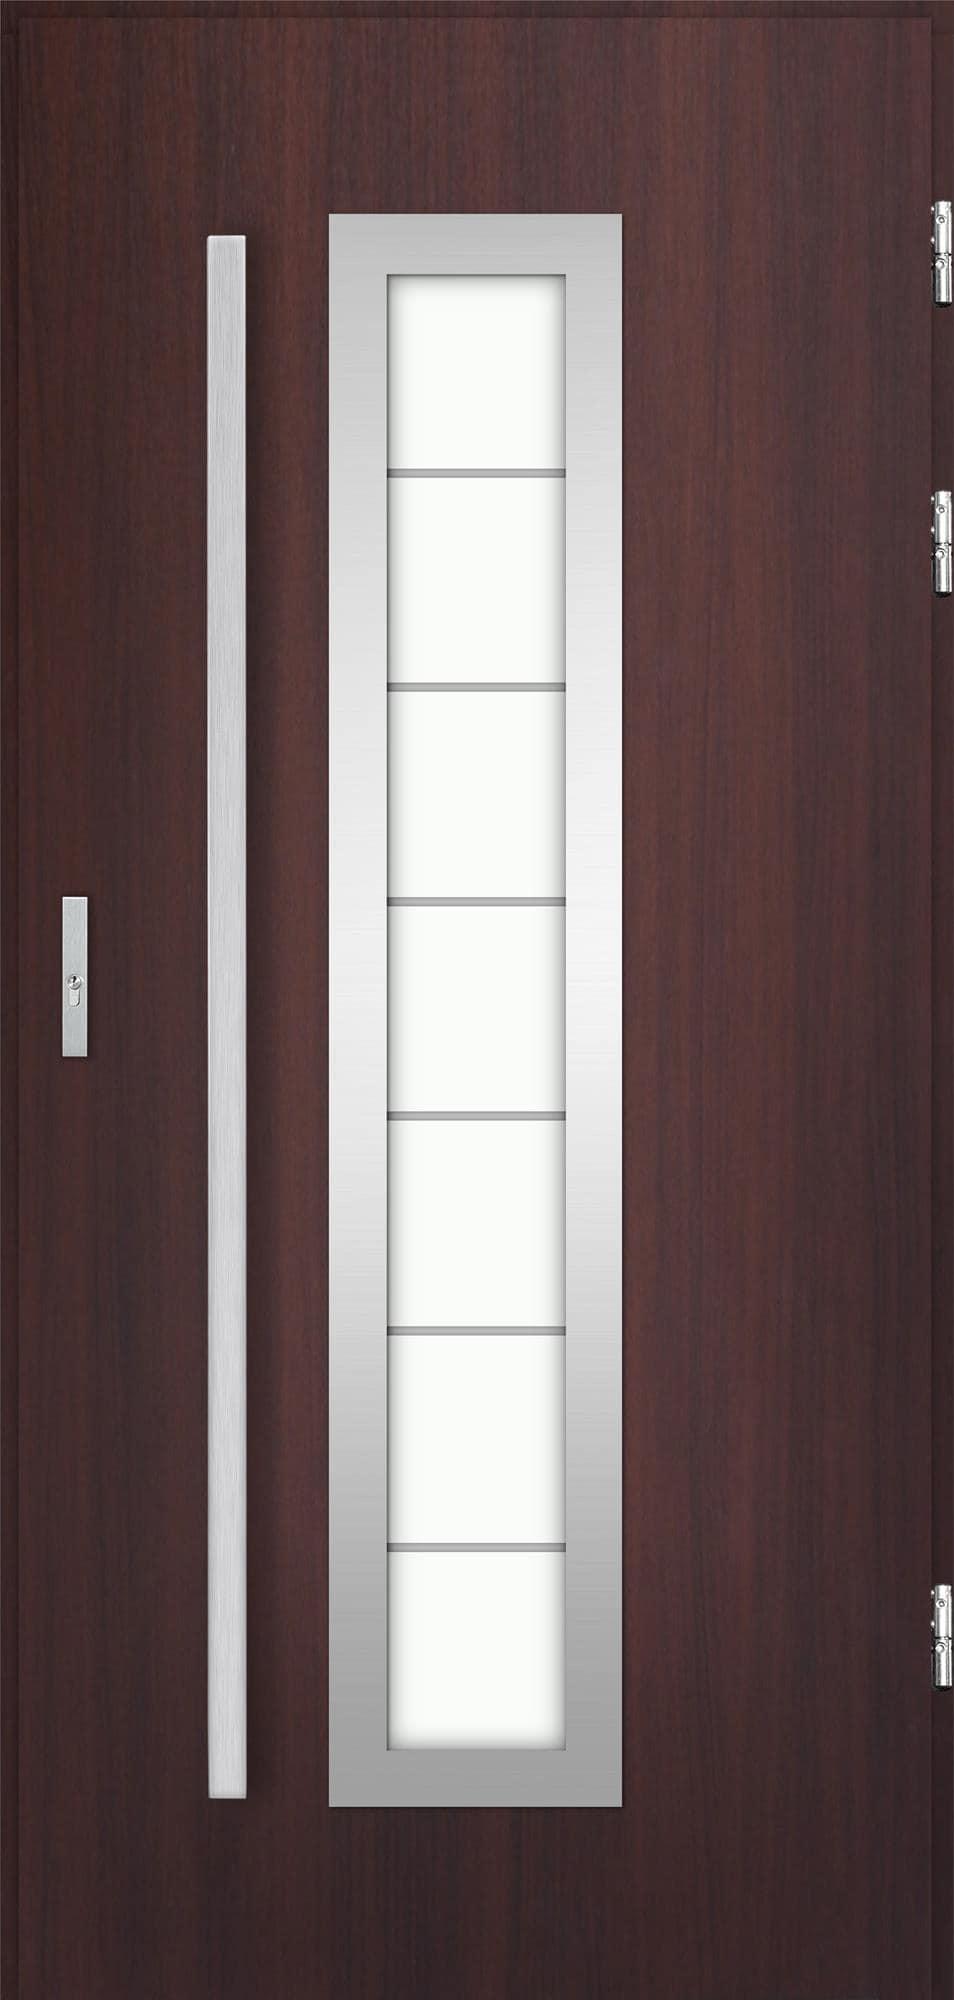 Venkovní vchodové dveøe Hevelio v odstínu mahagon